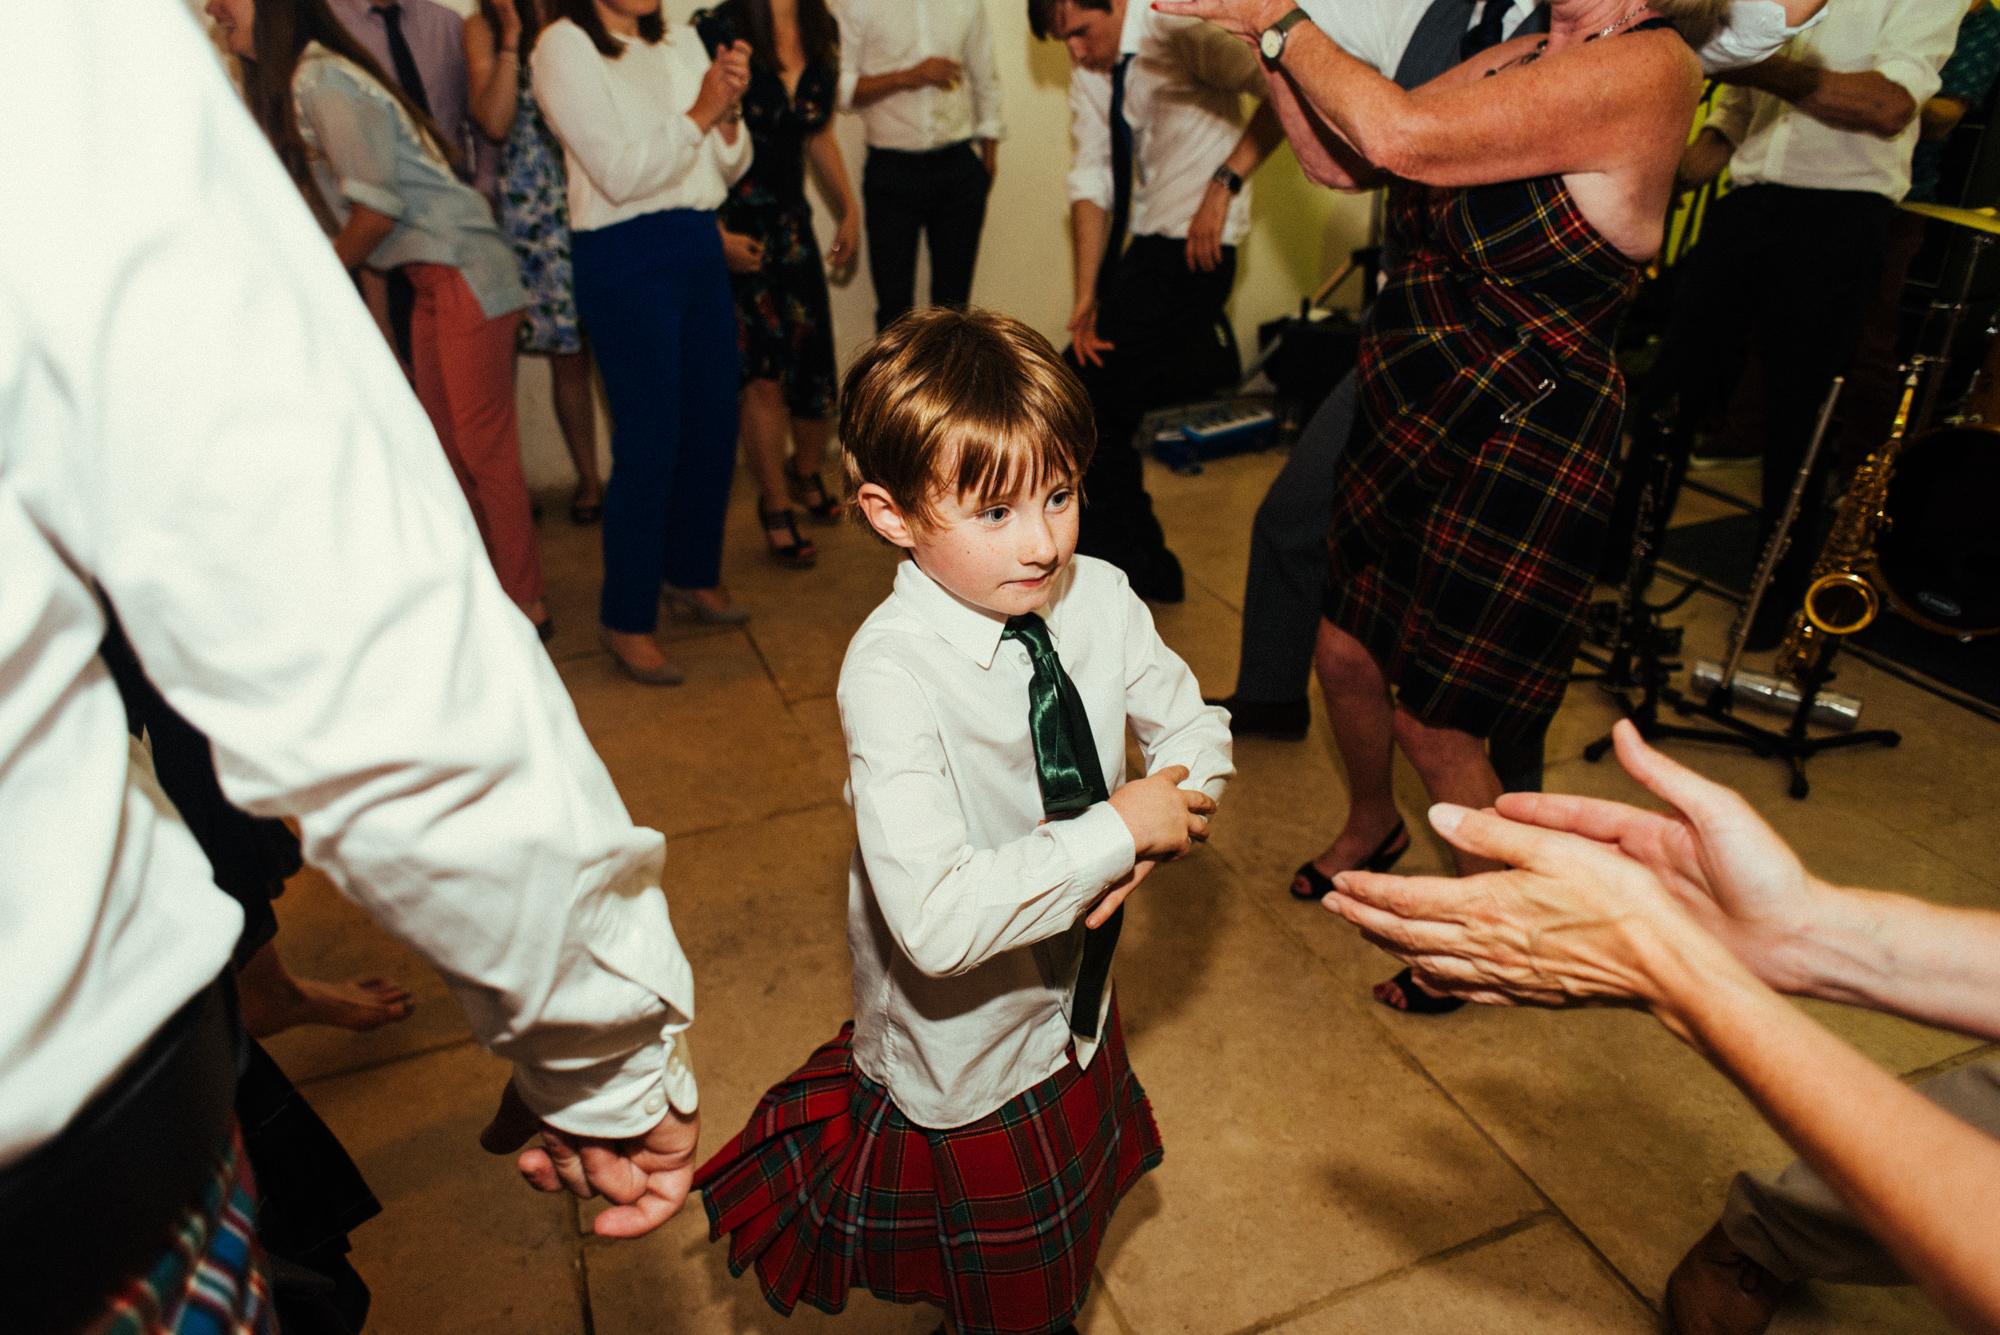 104-page-boy-dancing-in-kilt